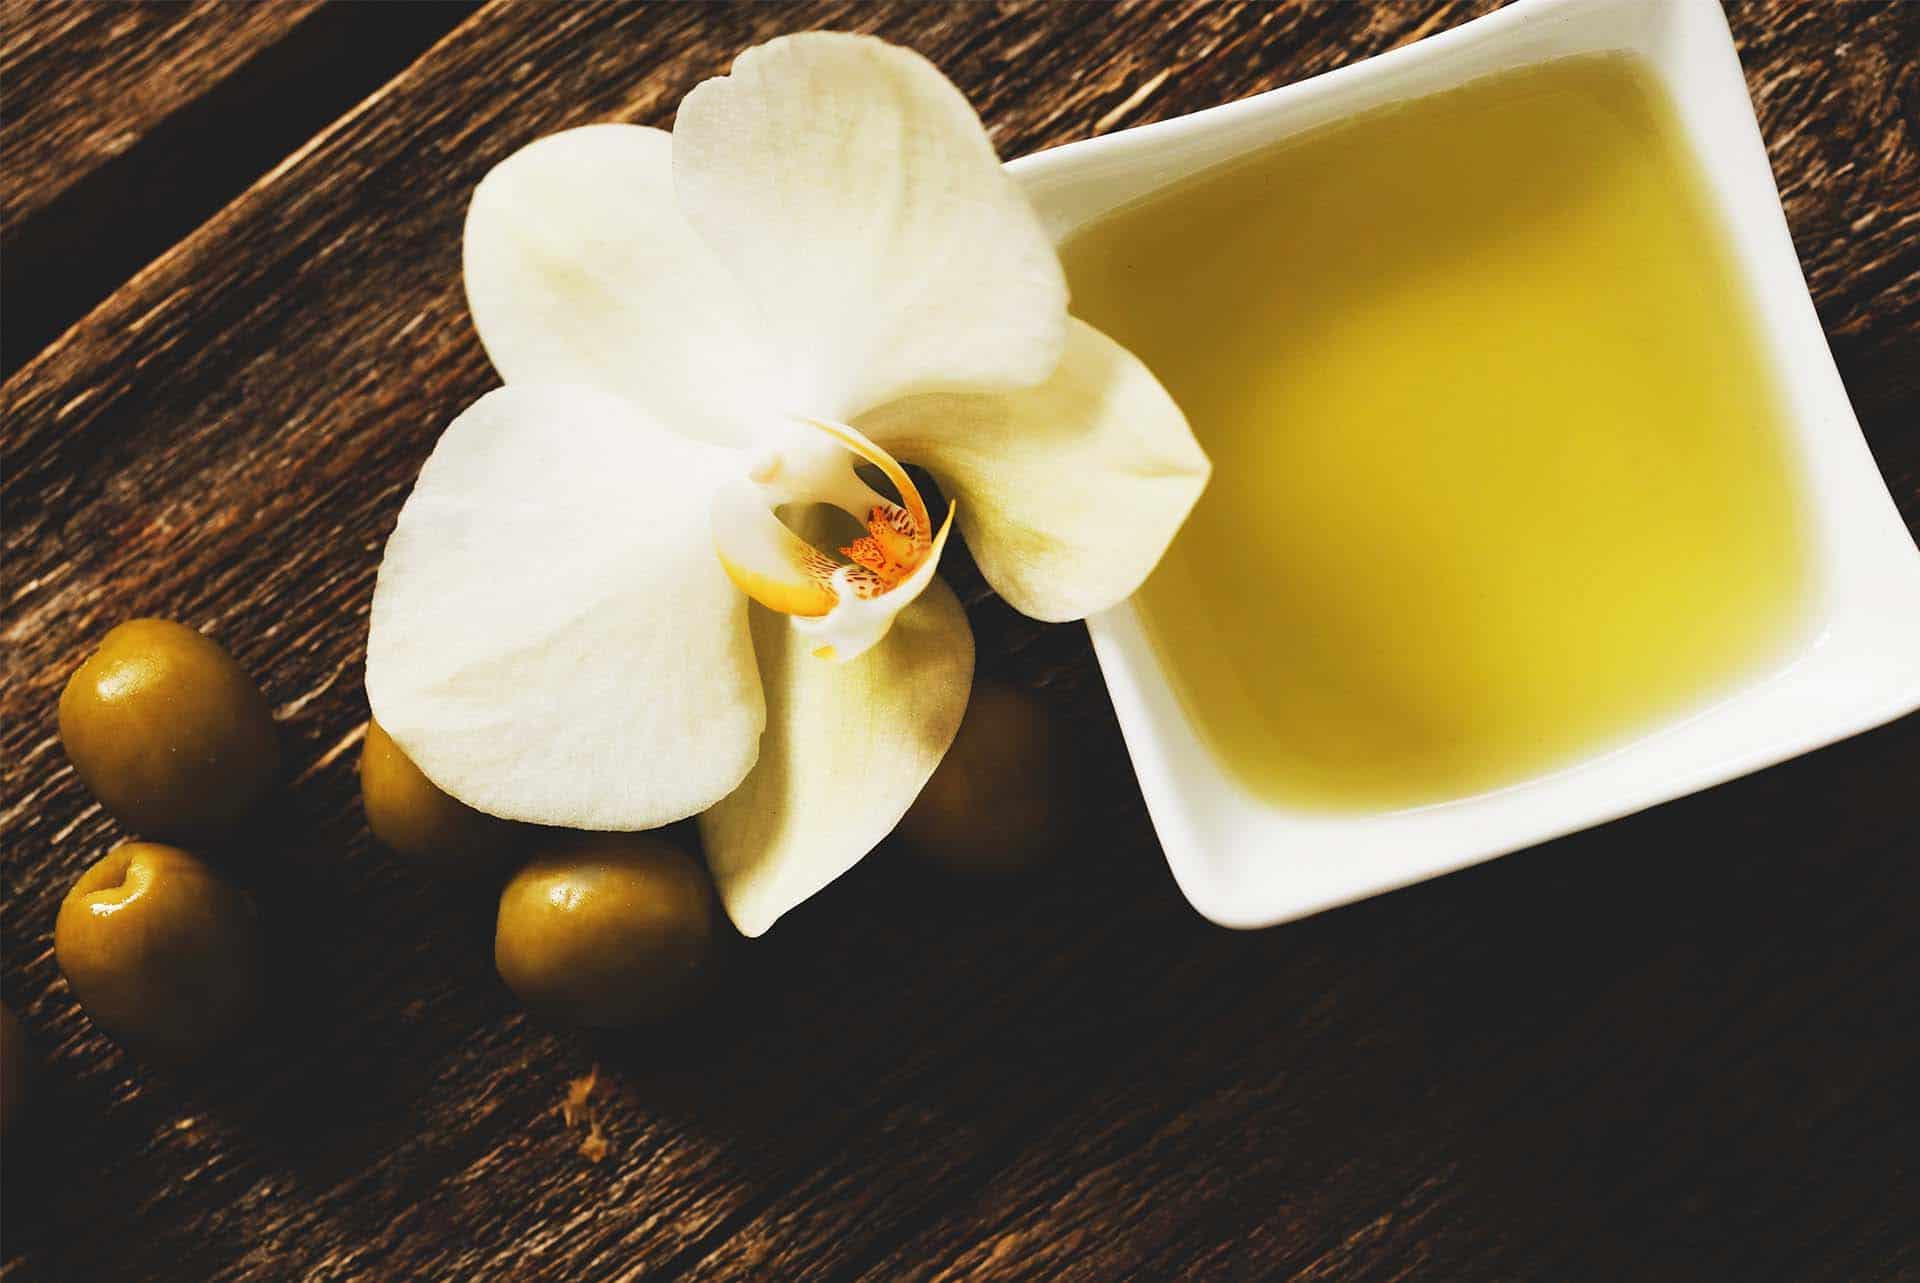 Vanilya Yağı Nedir? Nerelerde Kullanılır?